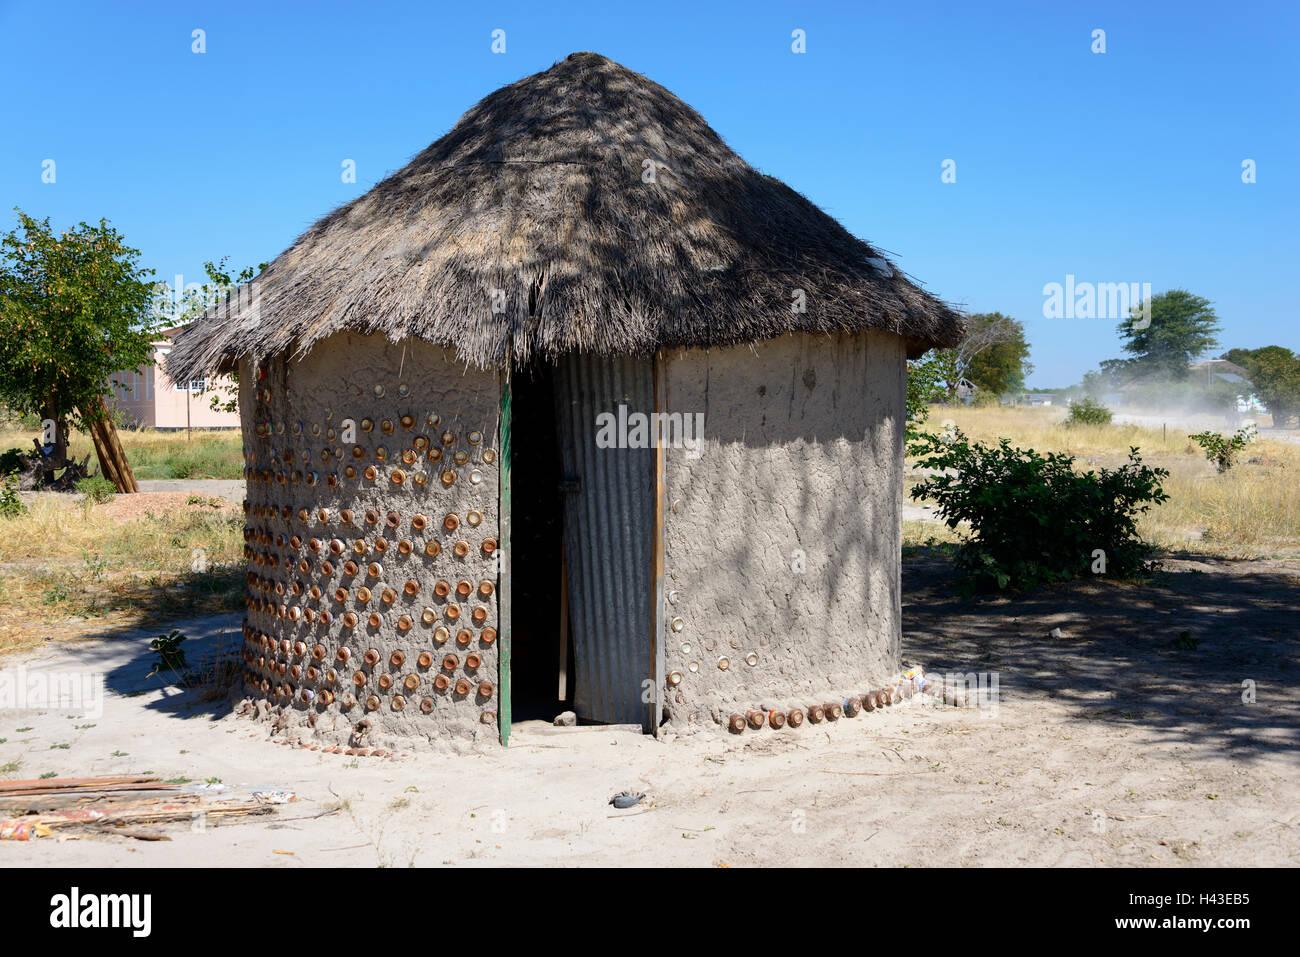 Simple thatched hut, Khwai Village, Botswana - Stock Image